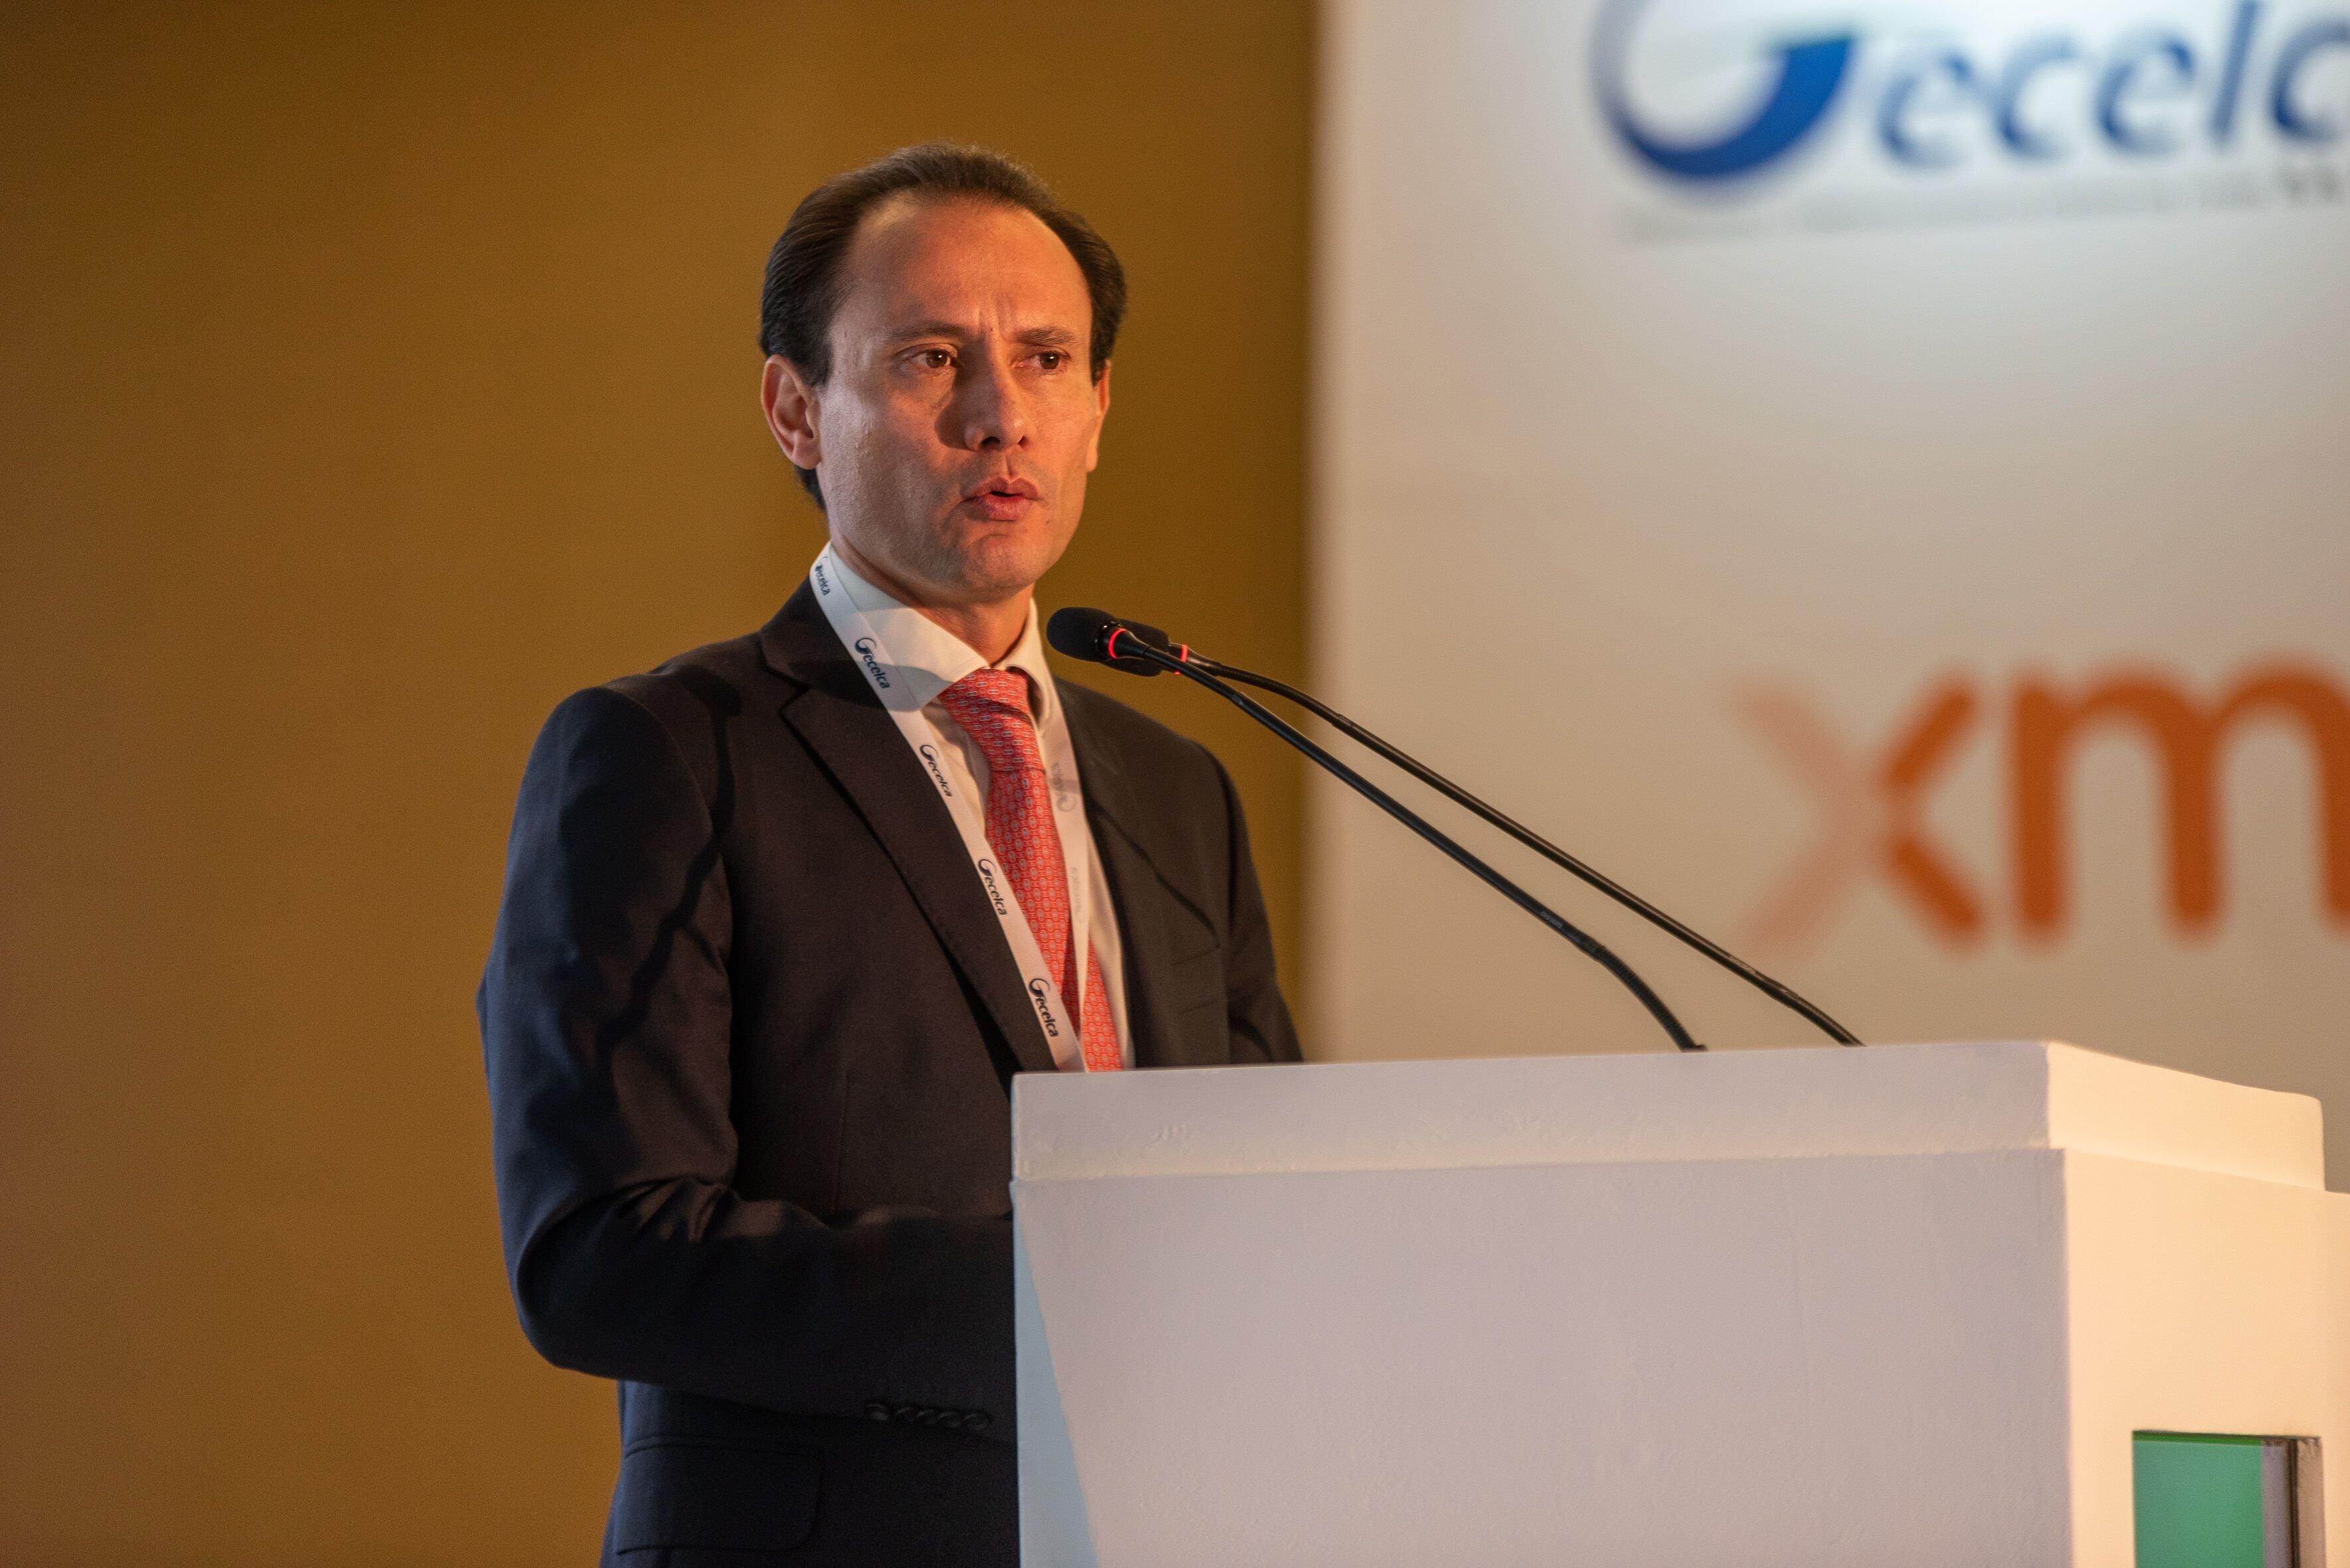 ANDEG: 'Se requiere una reforma estructural a los subsidios'